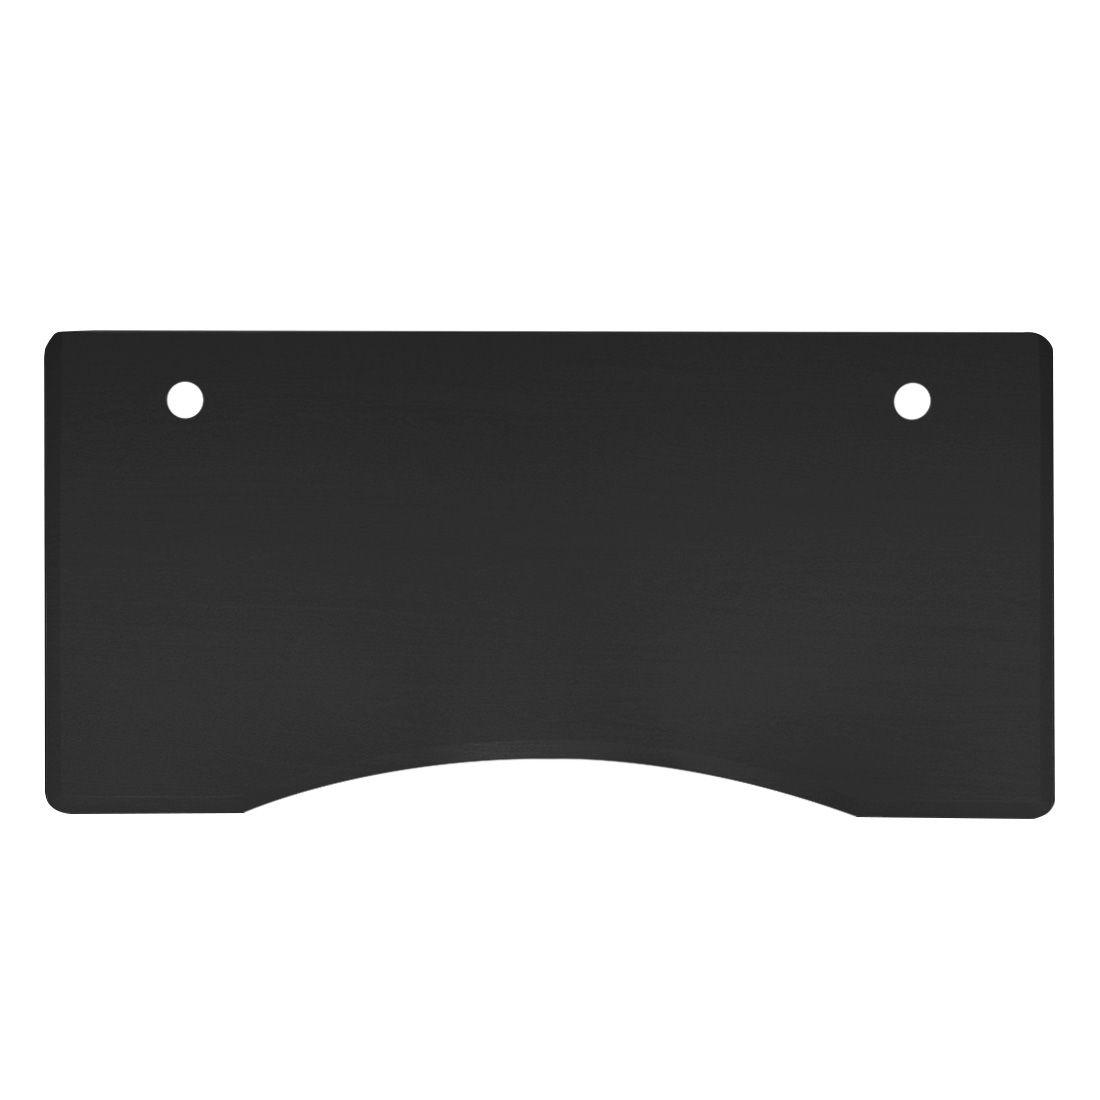 FLEXISPOT人間工学カーブ型天板ブラック